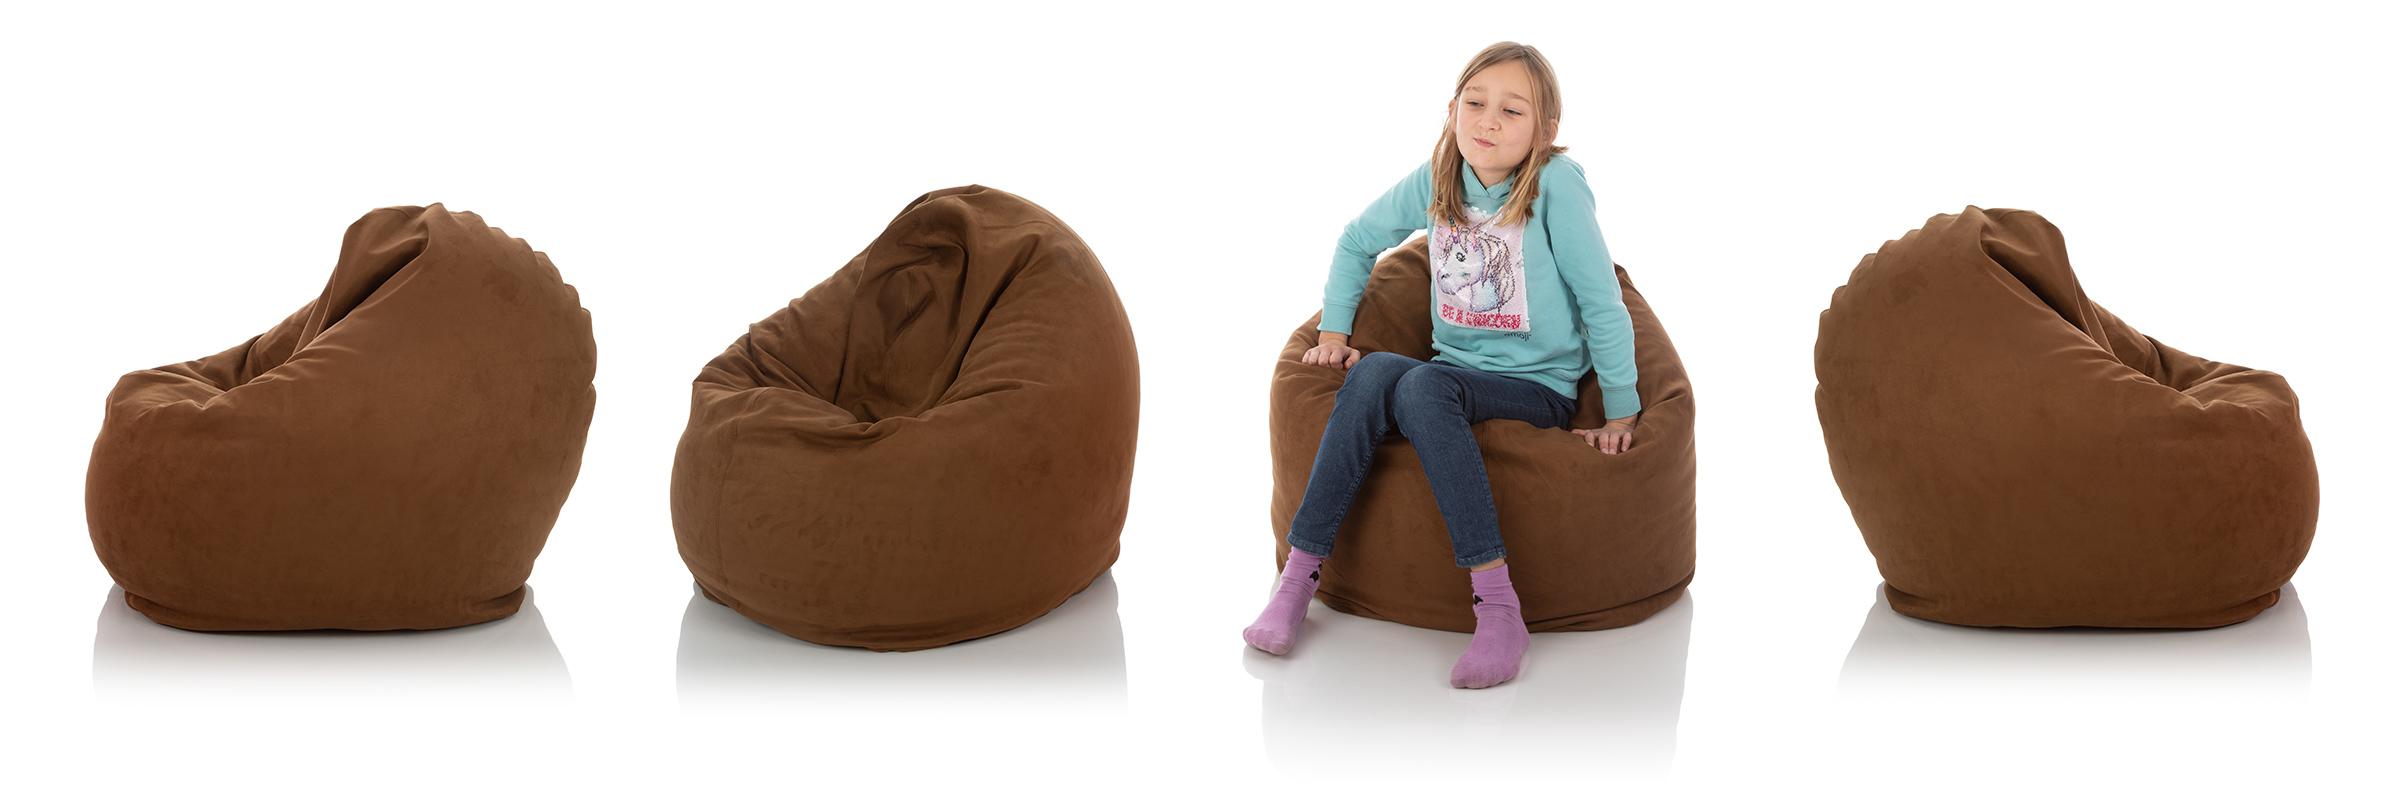 Jugendliches Mädchen im Sitzsack braun für das Kinderzimmer, umgeben von braunen Kinder-Sitzsäcken